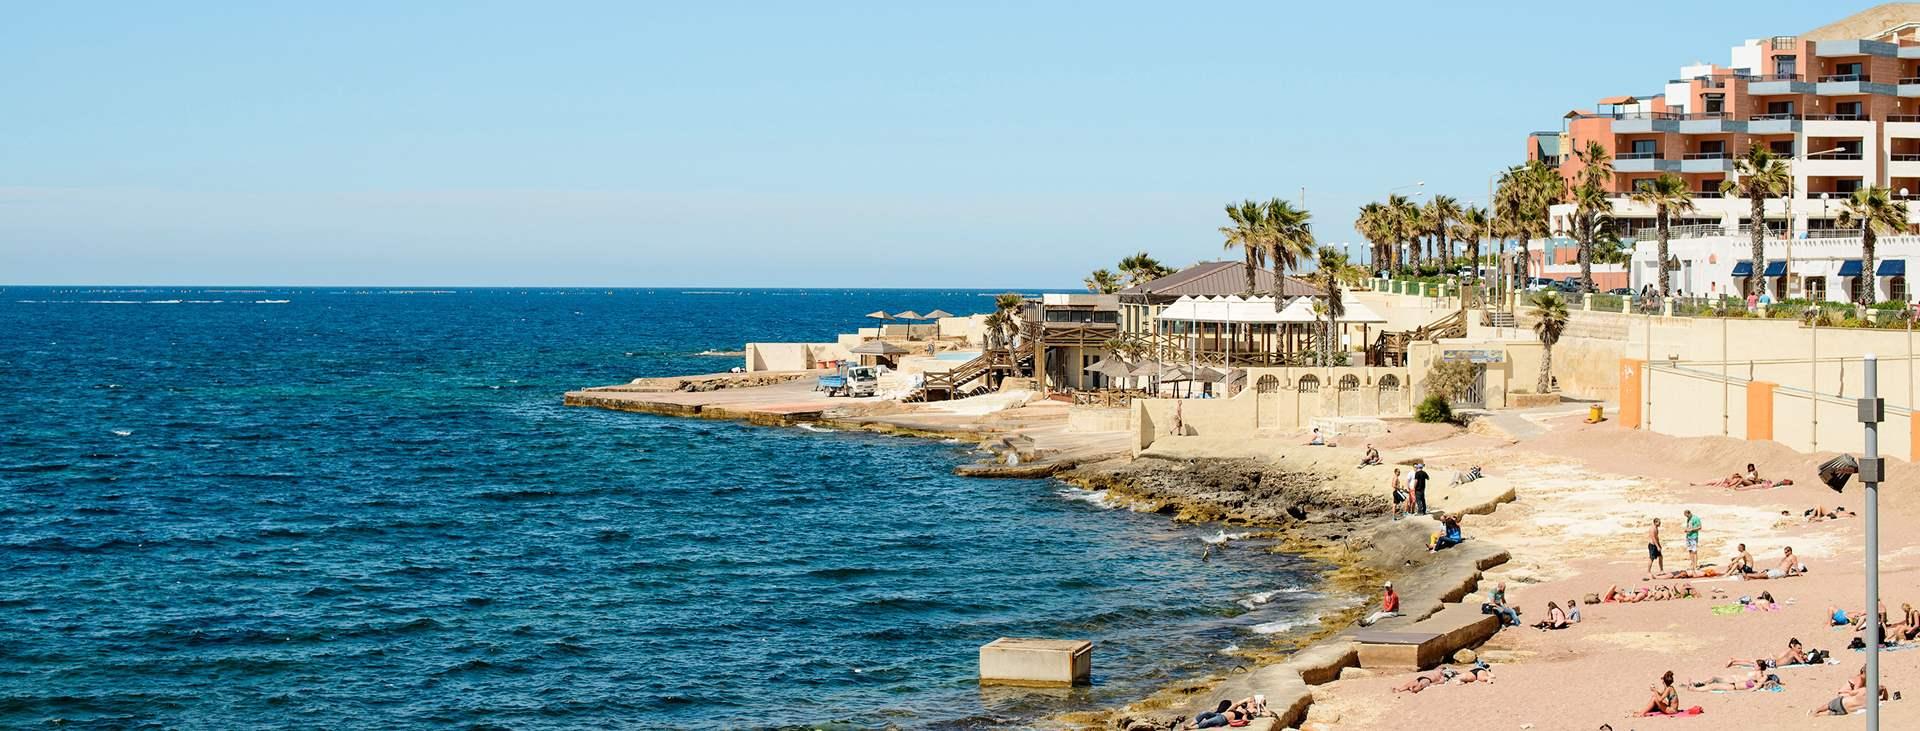 Boka din resa till St Pauls Bay på Malta med Ving